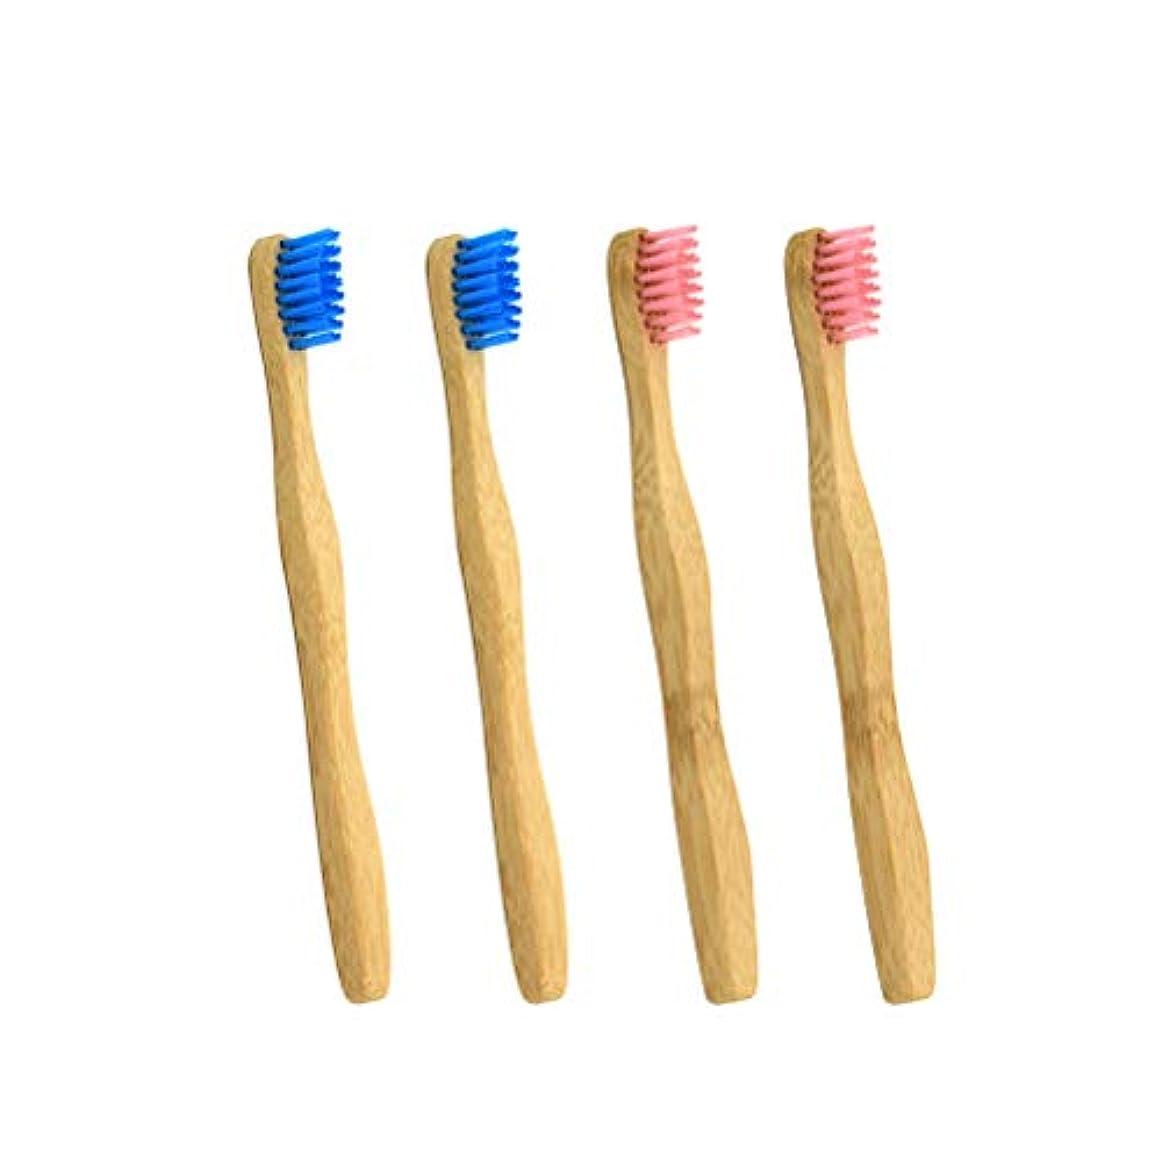 土曜日不条理以上Healifty 子供旅行のための竹の歯ブラシの木炭剛毛使い捨てのナイロン歯ブラシ(ピンクとピンク各2本)